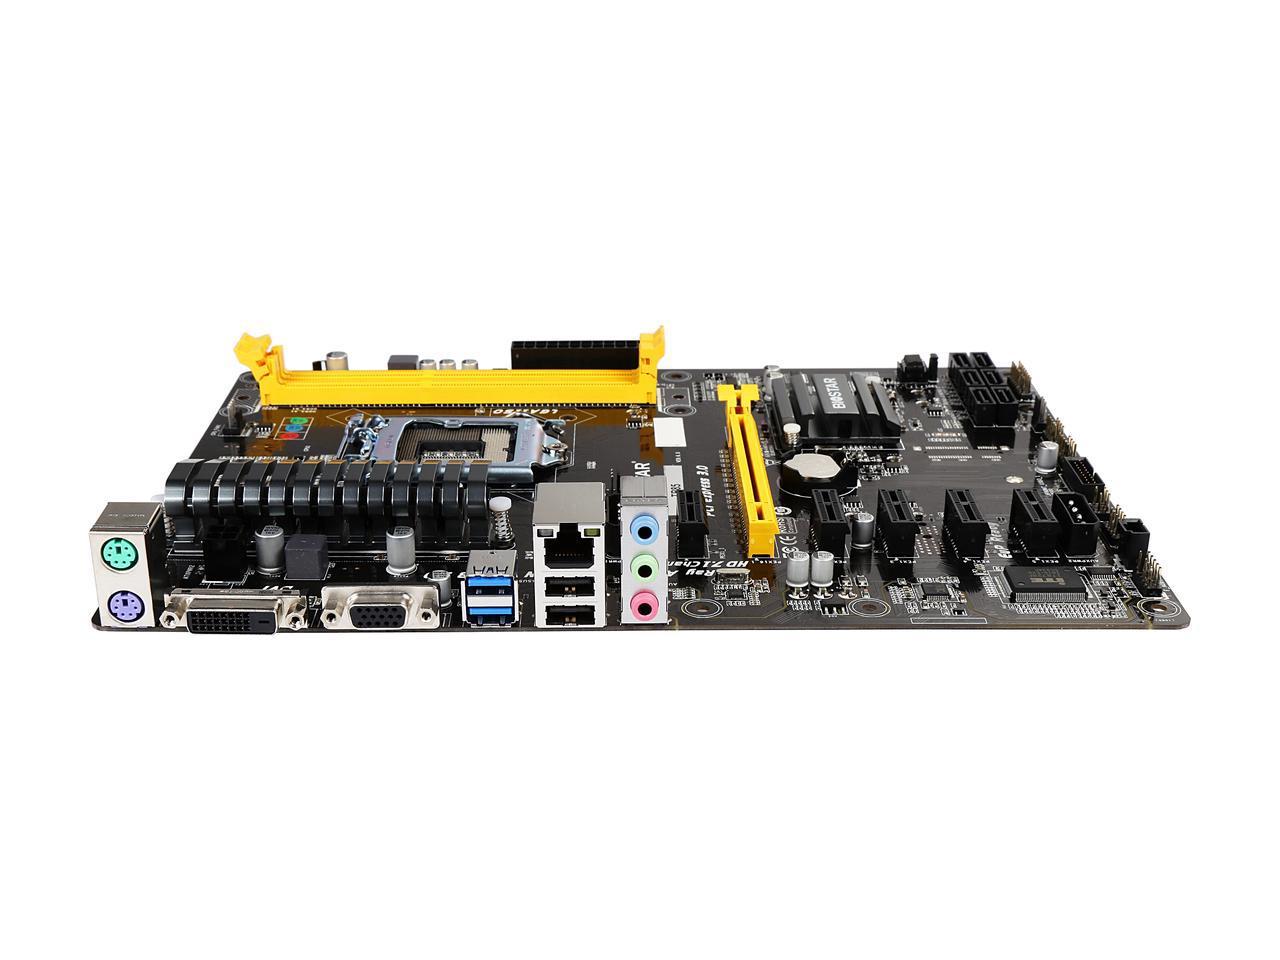 BIOSTAR TB85 LGA 1150 Intel B85 SATA 6Gb/s USB 3 0 ATX